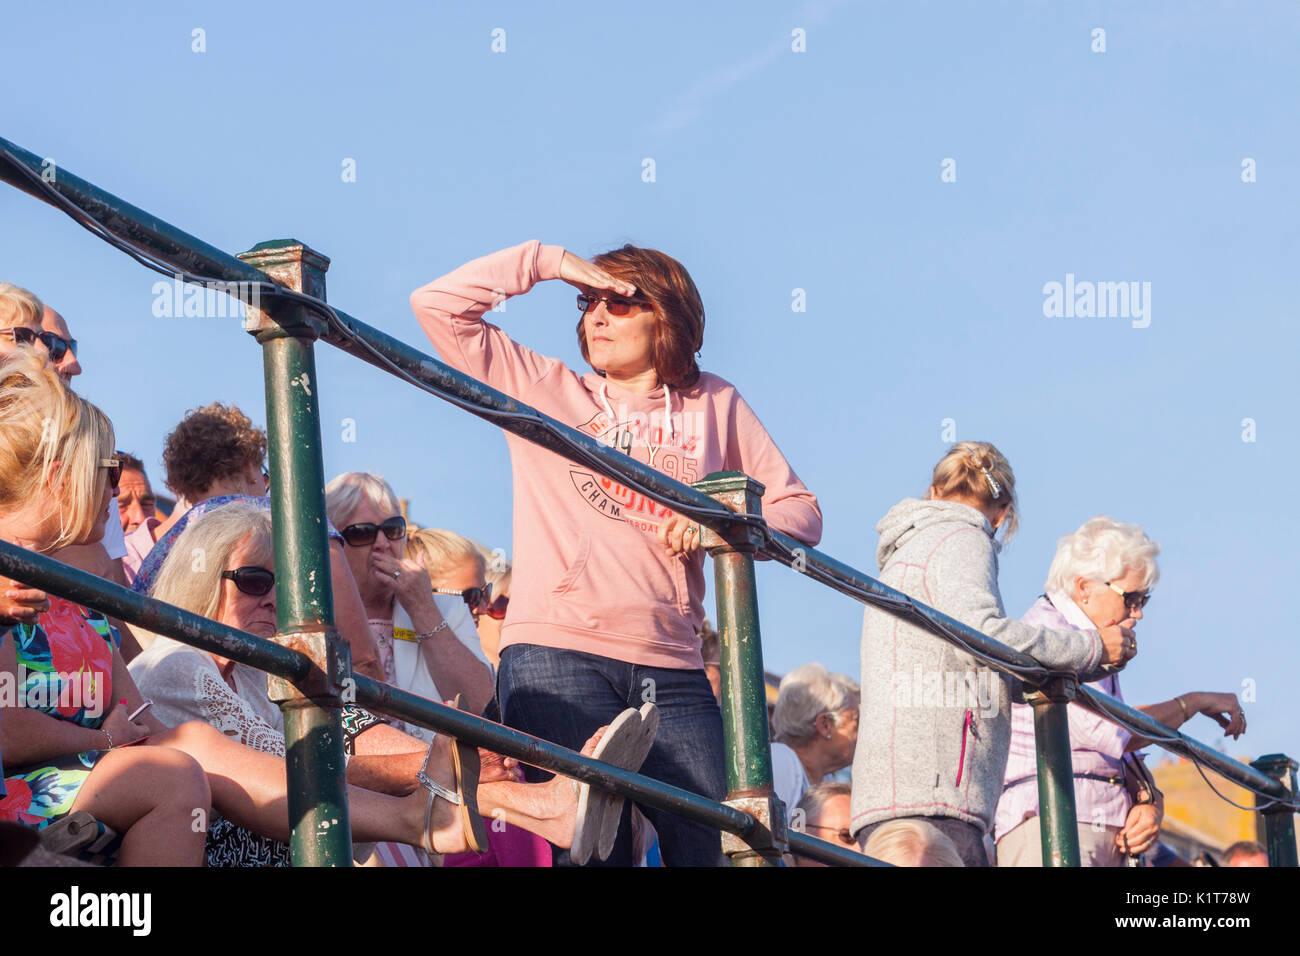 Una mujer iguales en la distancia con su mano para proteger sus ojos. Imagen De Stock